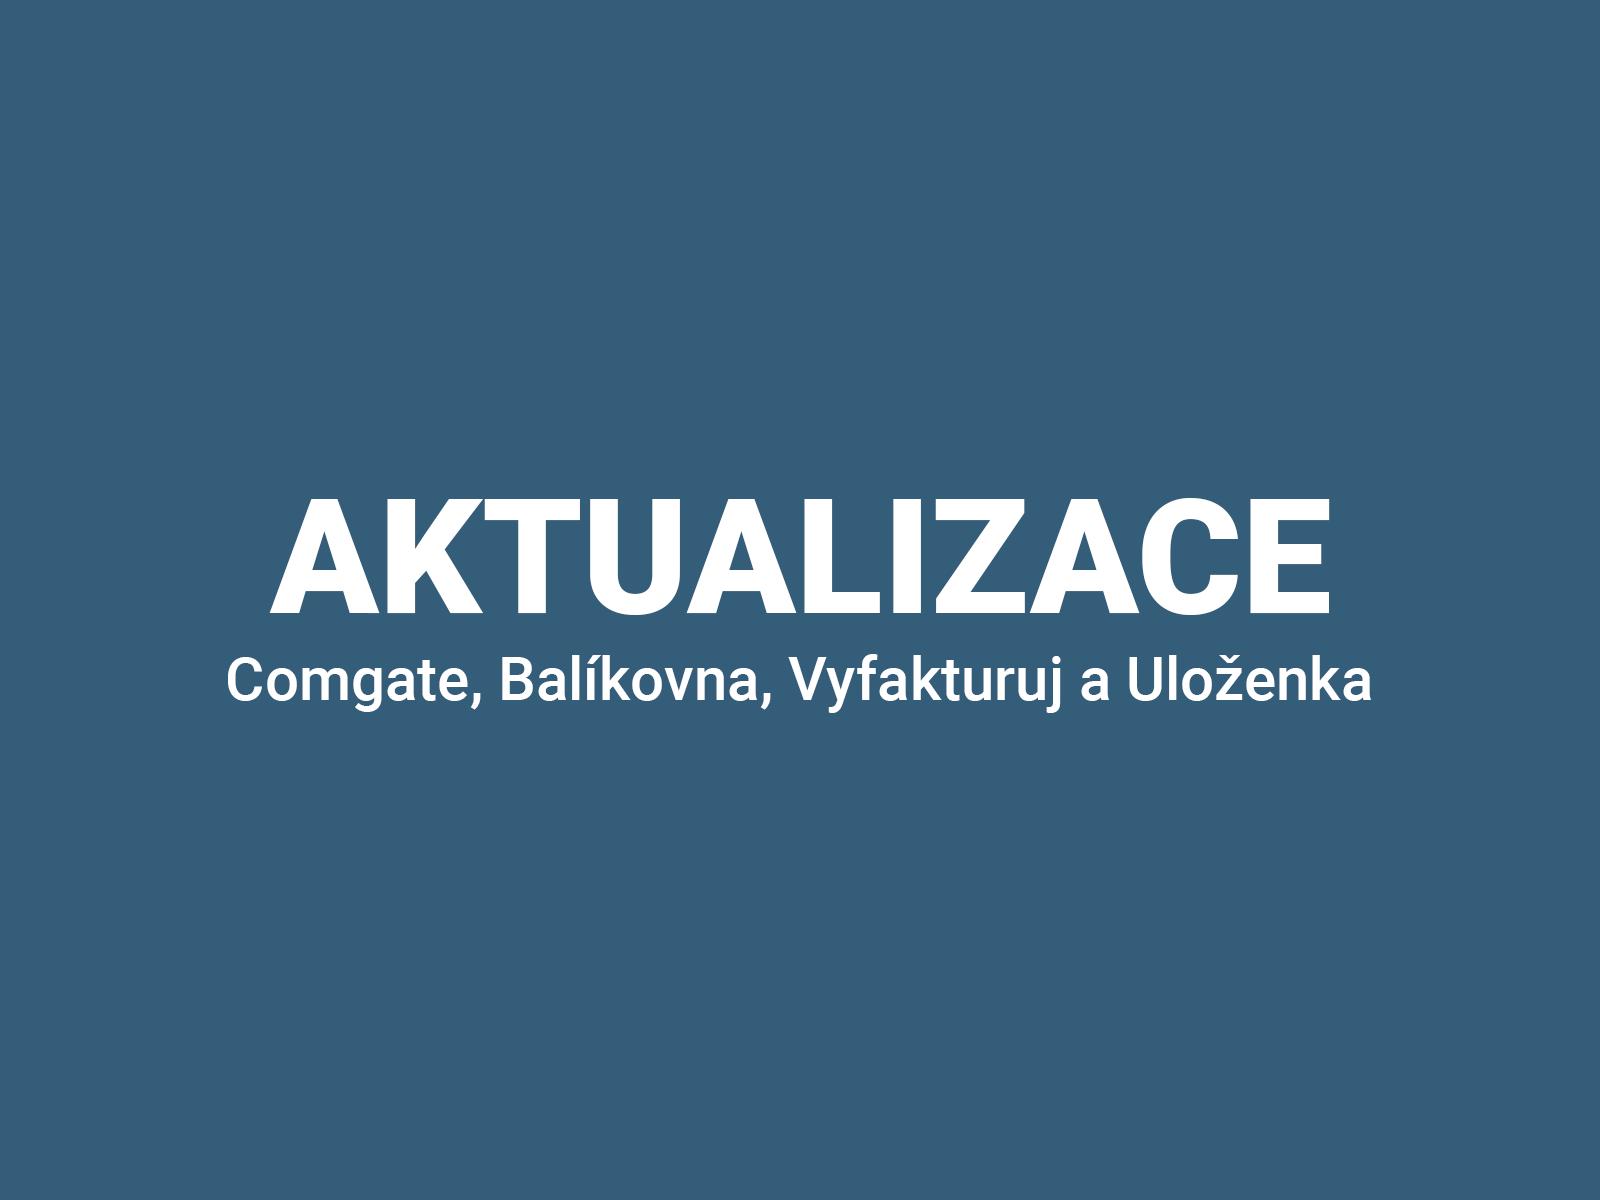 aktualizace Comgate Balíkovna Vyfakturuj a Uloženka